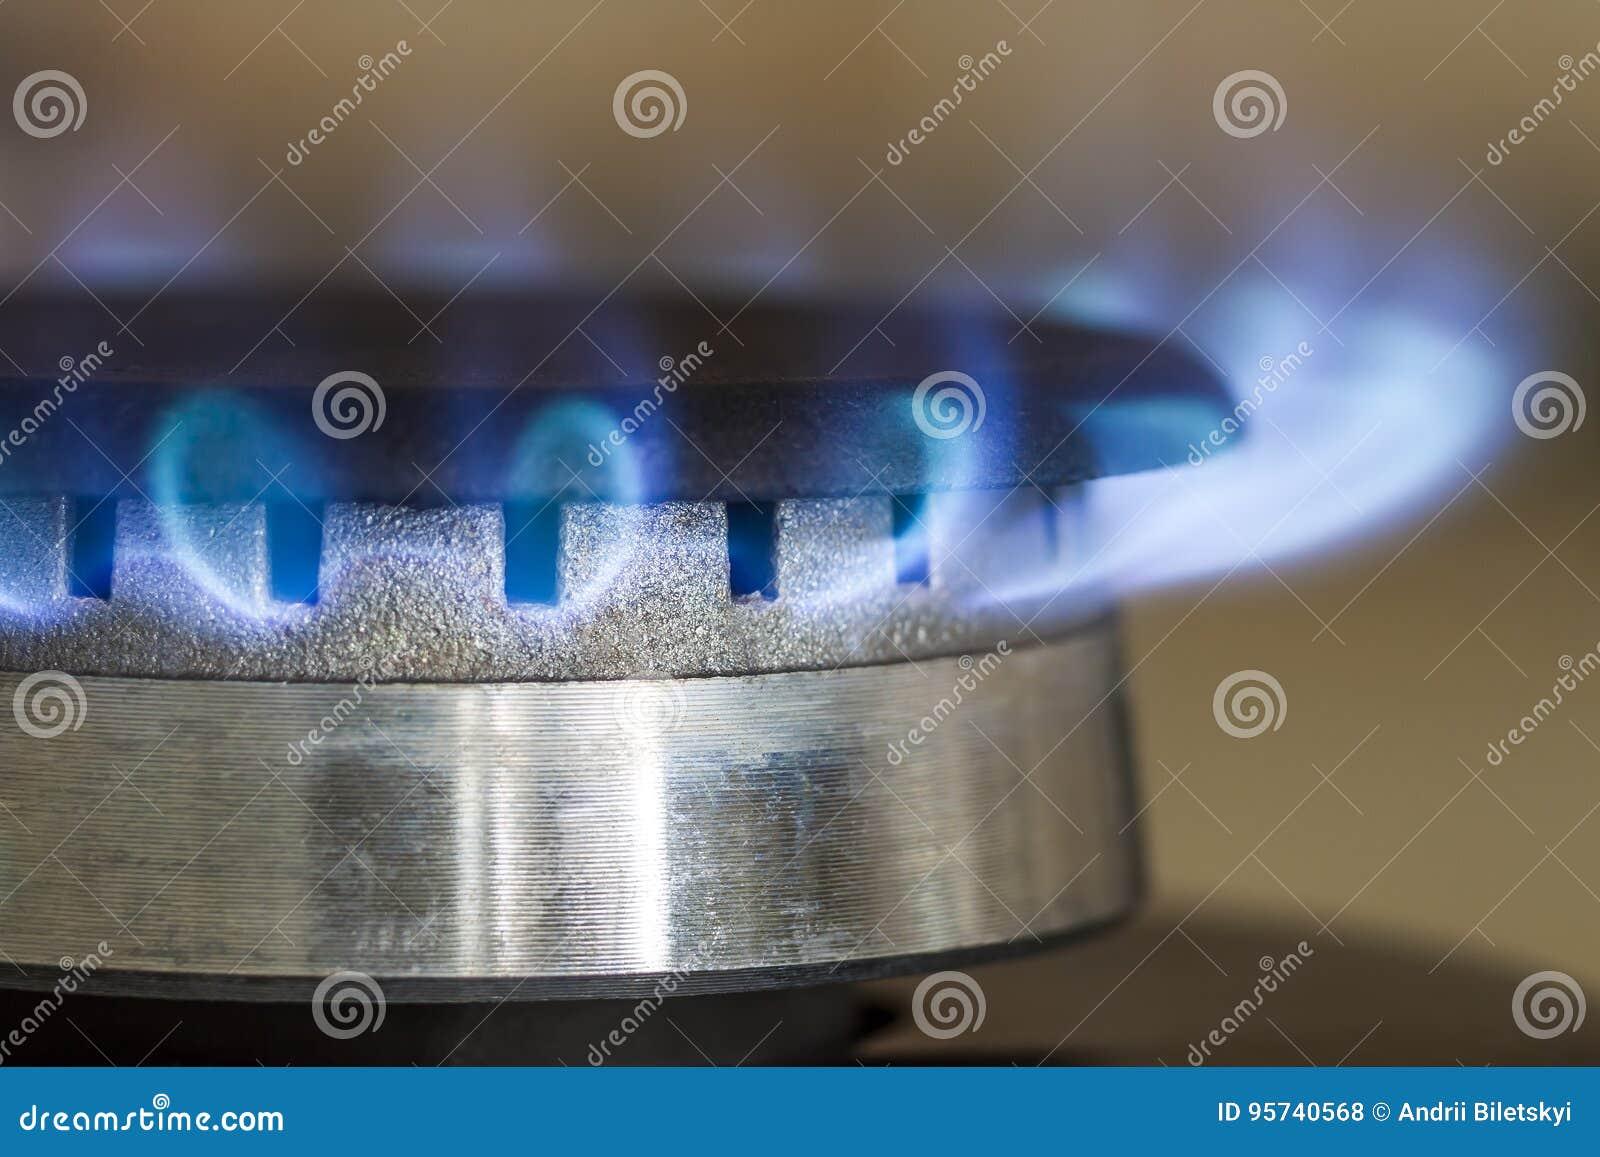 天然气蓝焰在厨灶滚刀,关闭烧